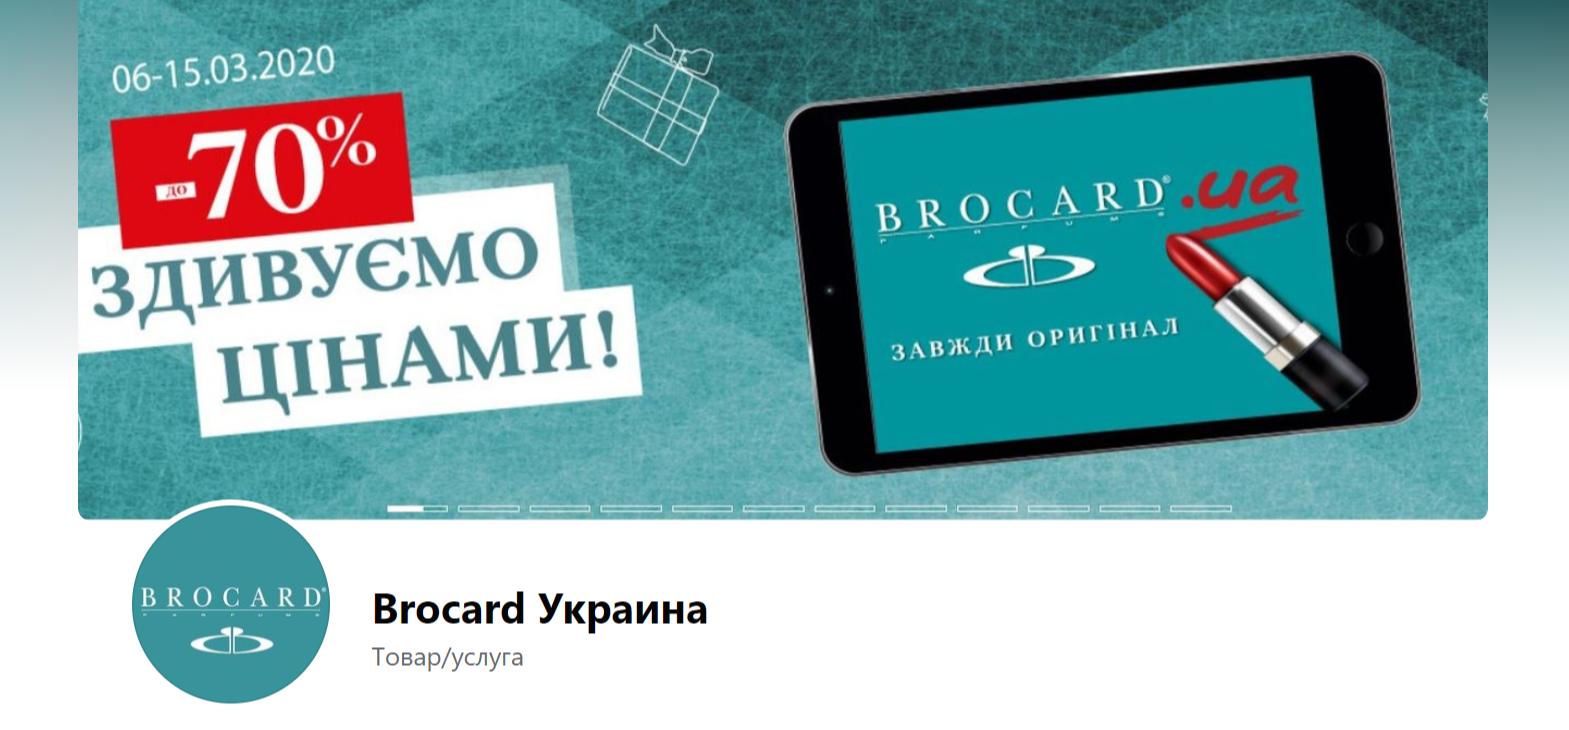 Это поддельные страницы Brocard на Facebook: Brocard Украина, BROCARD UKRAINE, BROCARD Украина, Brokard Ukraine. Официальная страница сети называется BROCARD Ukraine.